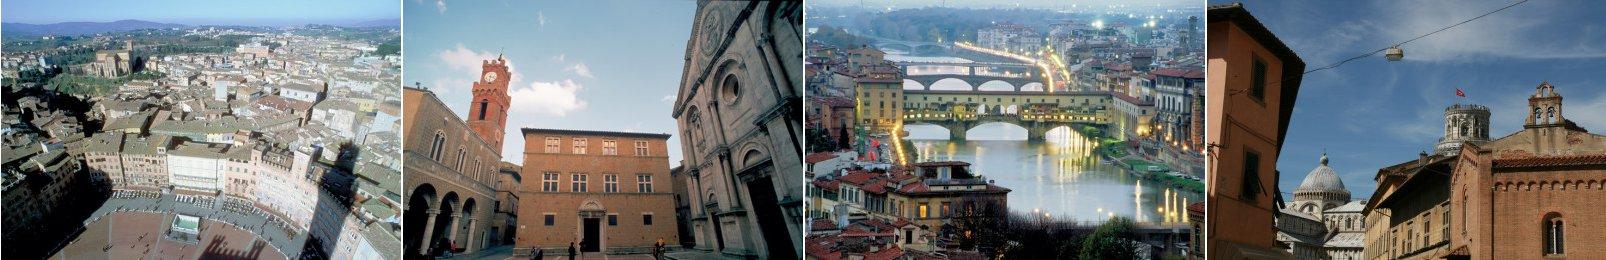 verdensarvsted Toscana